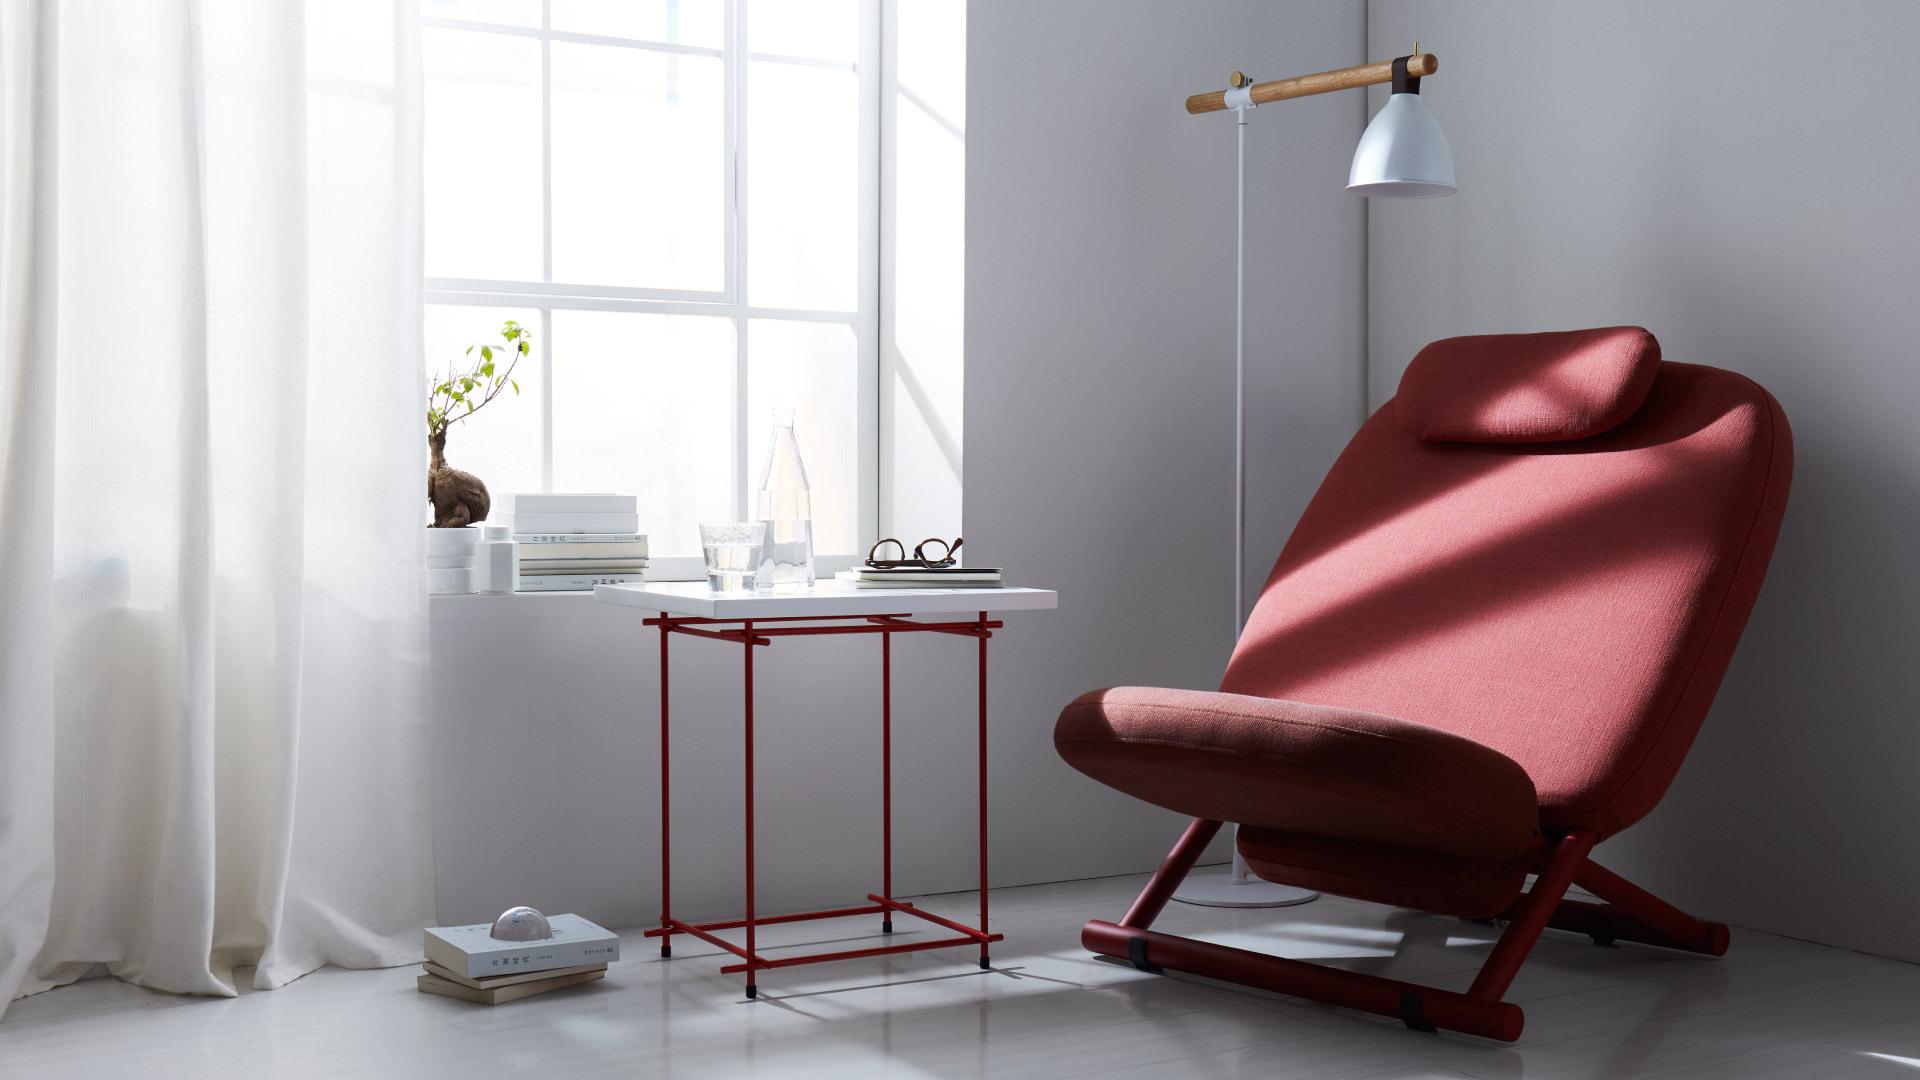 选择一件心仪的躺椅本身就是一个令人愉悦的过程。躺椅满足了坐与躺的双重功能,在疲惫之时,放下书本,或发呆冥想,或安然小憩,享受忘我时光。